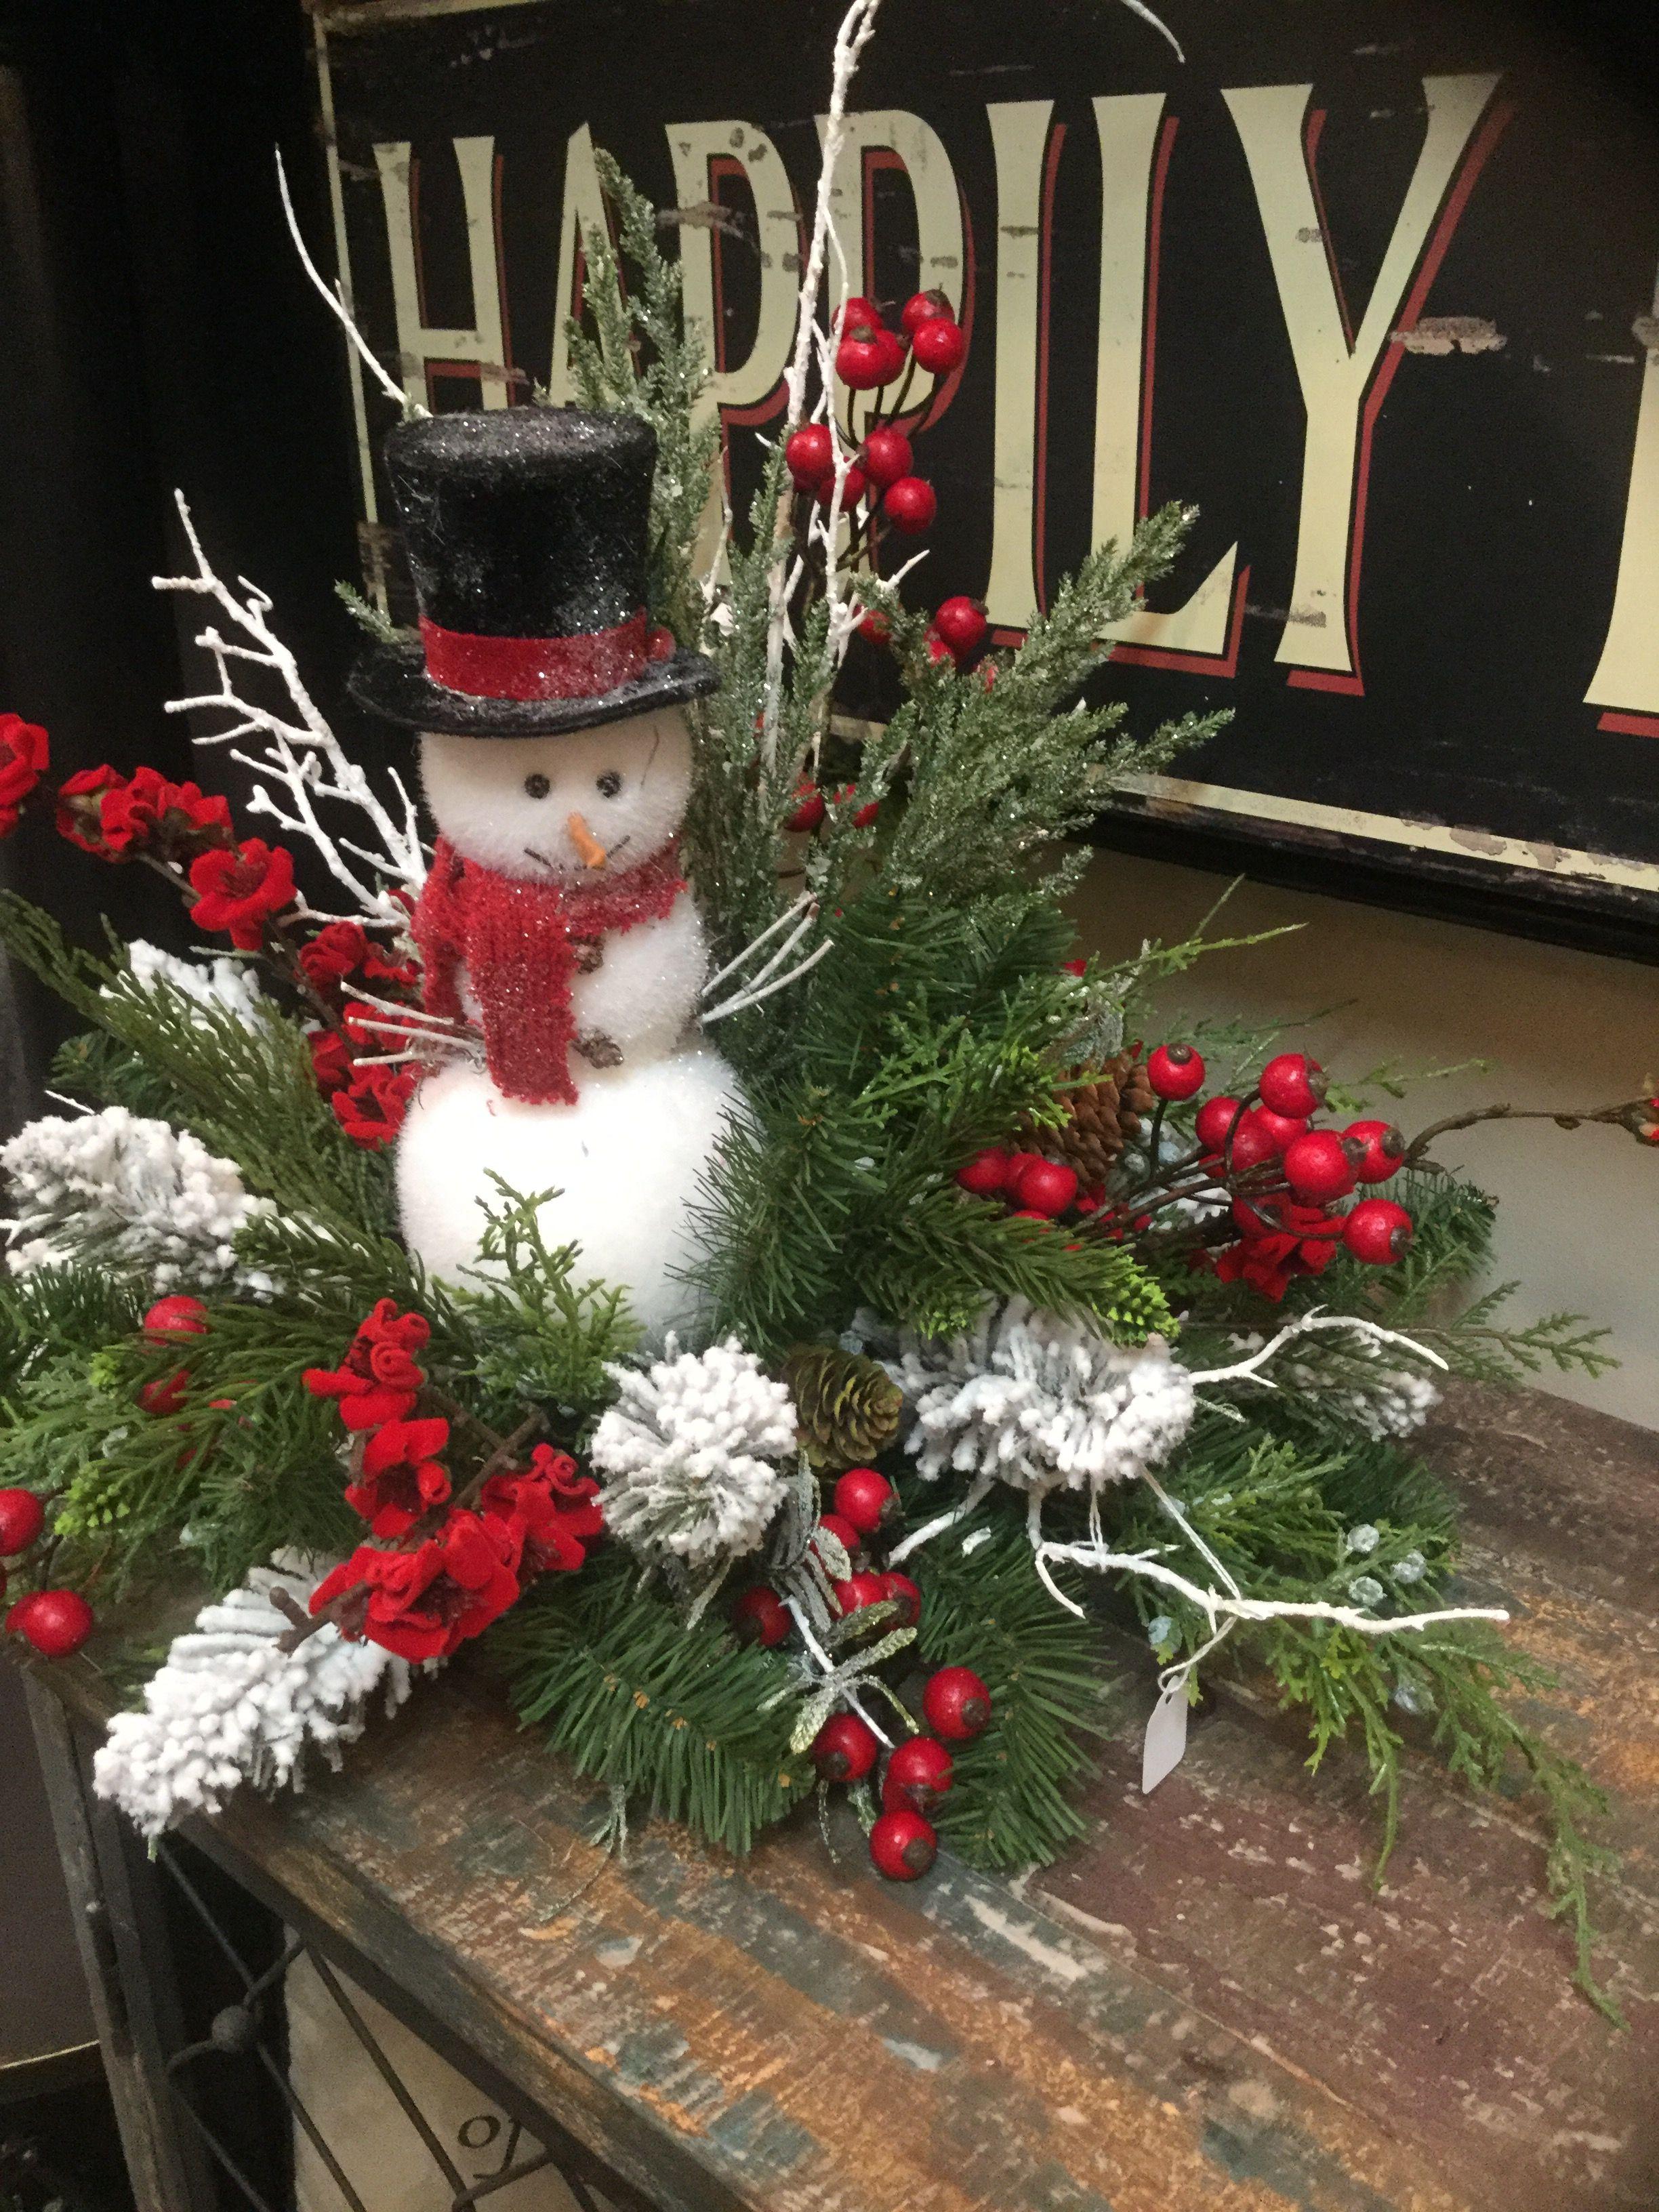 Centros de mesa para navidad y a o nuevo 2018 arregl - Centros de mesa navidad ...